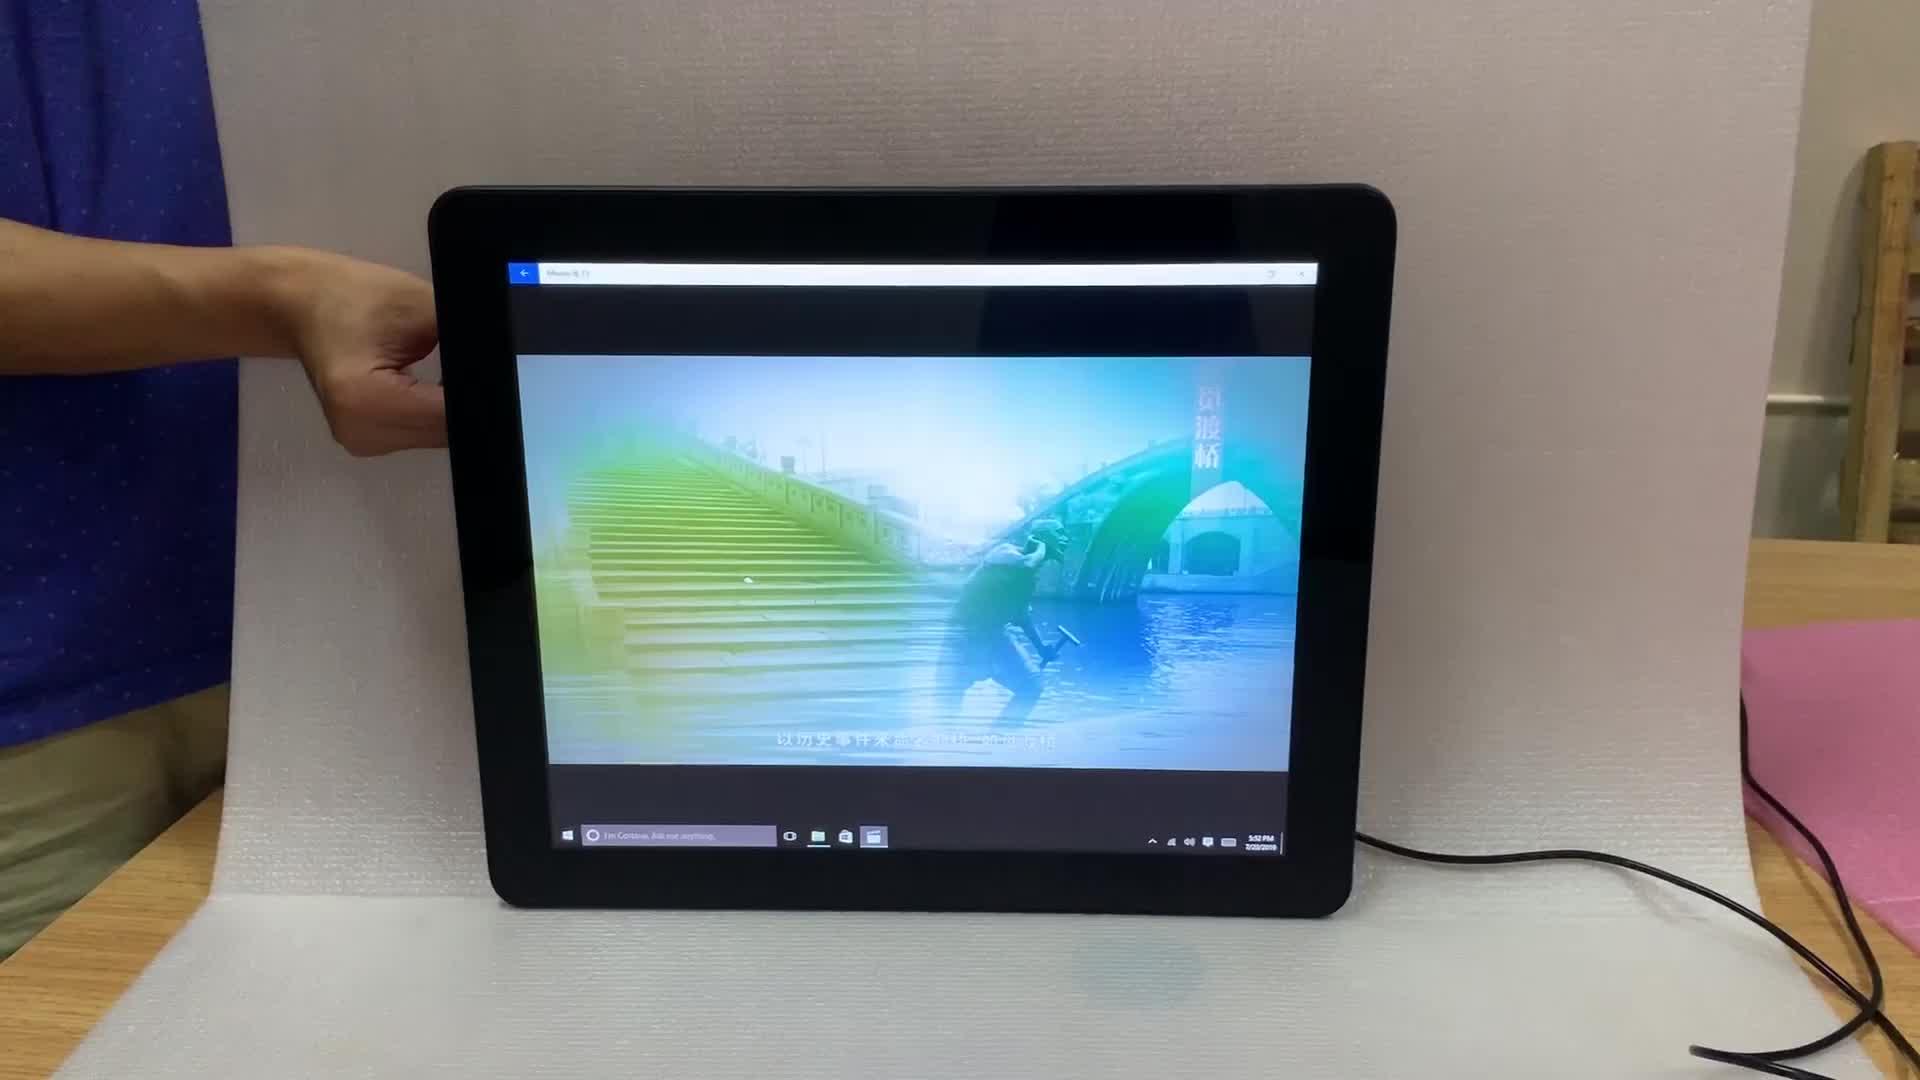 एम्बेडेड 12.1 इंच PCAP टच स्क्रीन औद्योगिक मशीन के लिए X86 पैनल पीसी एकल कंप्यूटर नियंत्रण प्रणाली